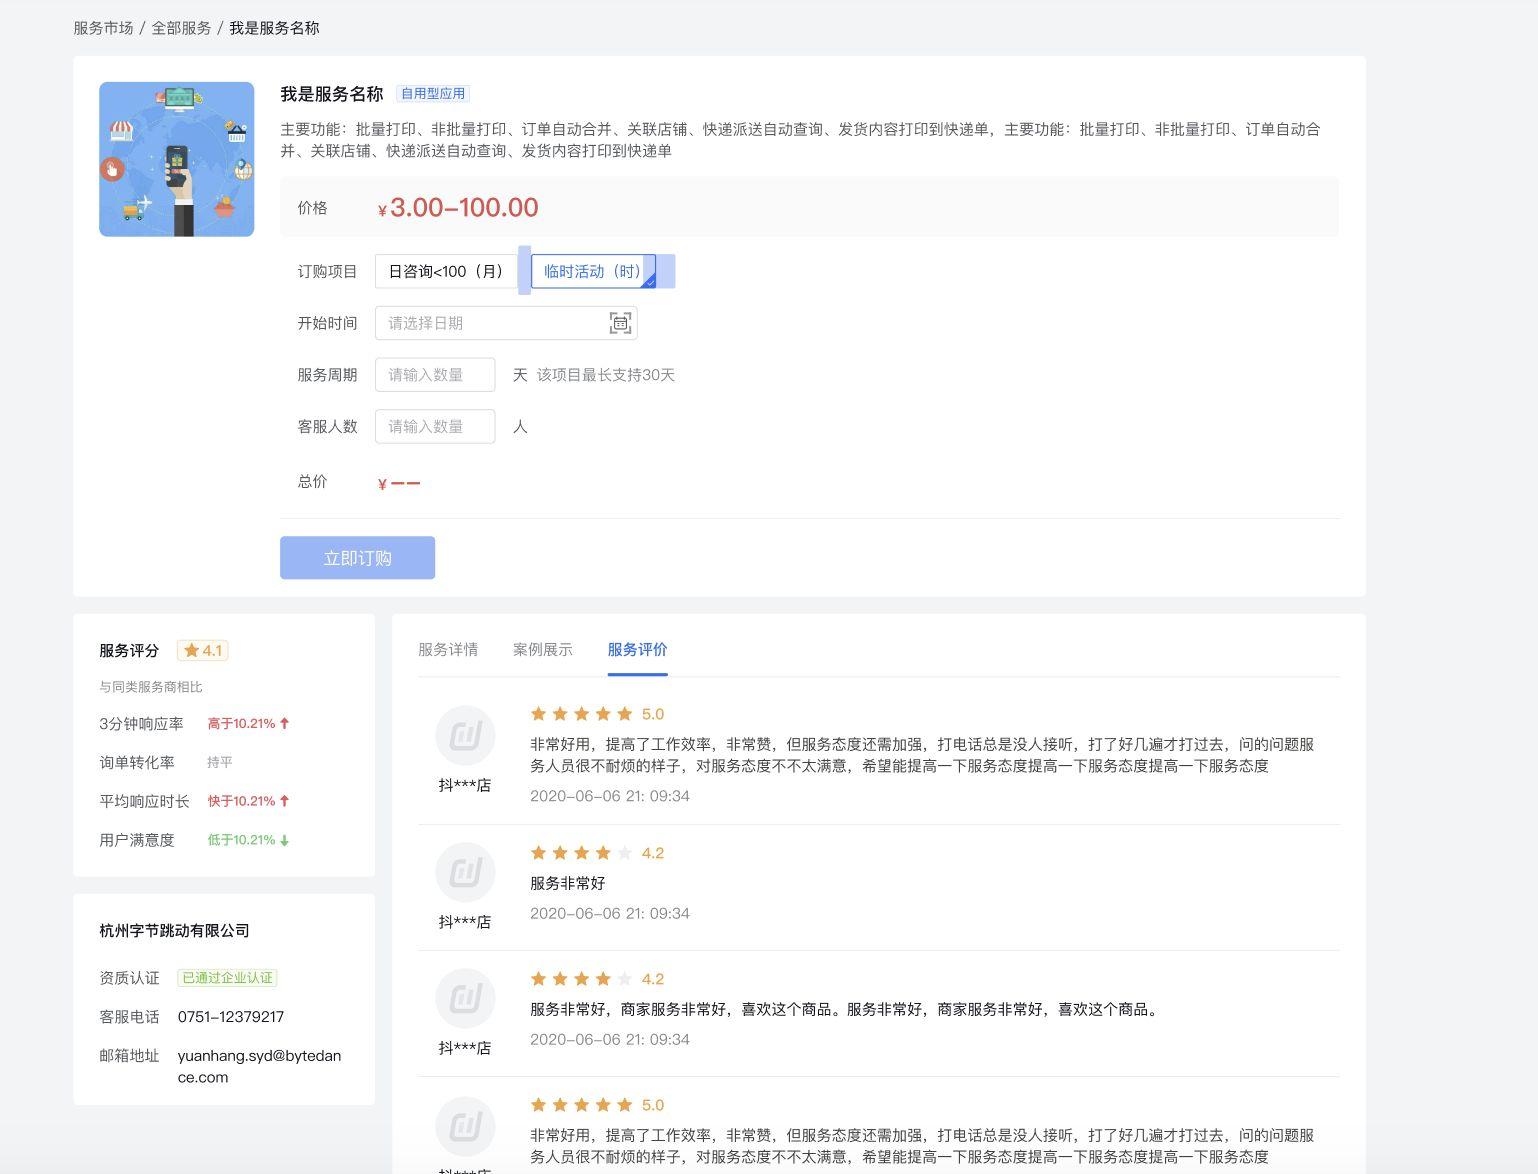 如何在抖店服务市场订购飞鸽客服外包服务?